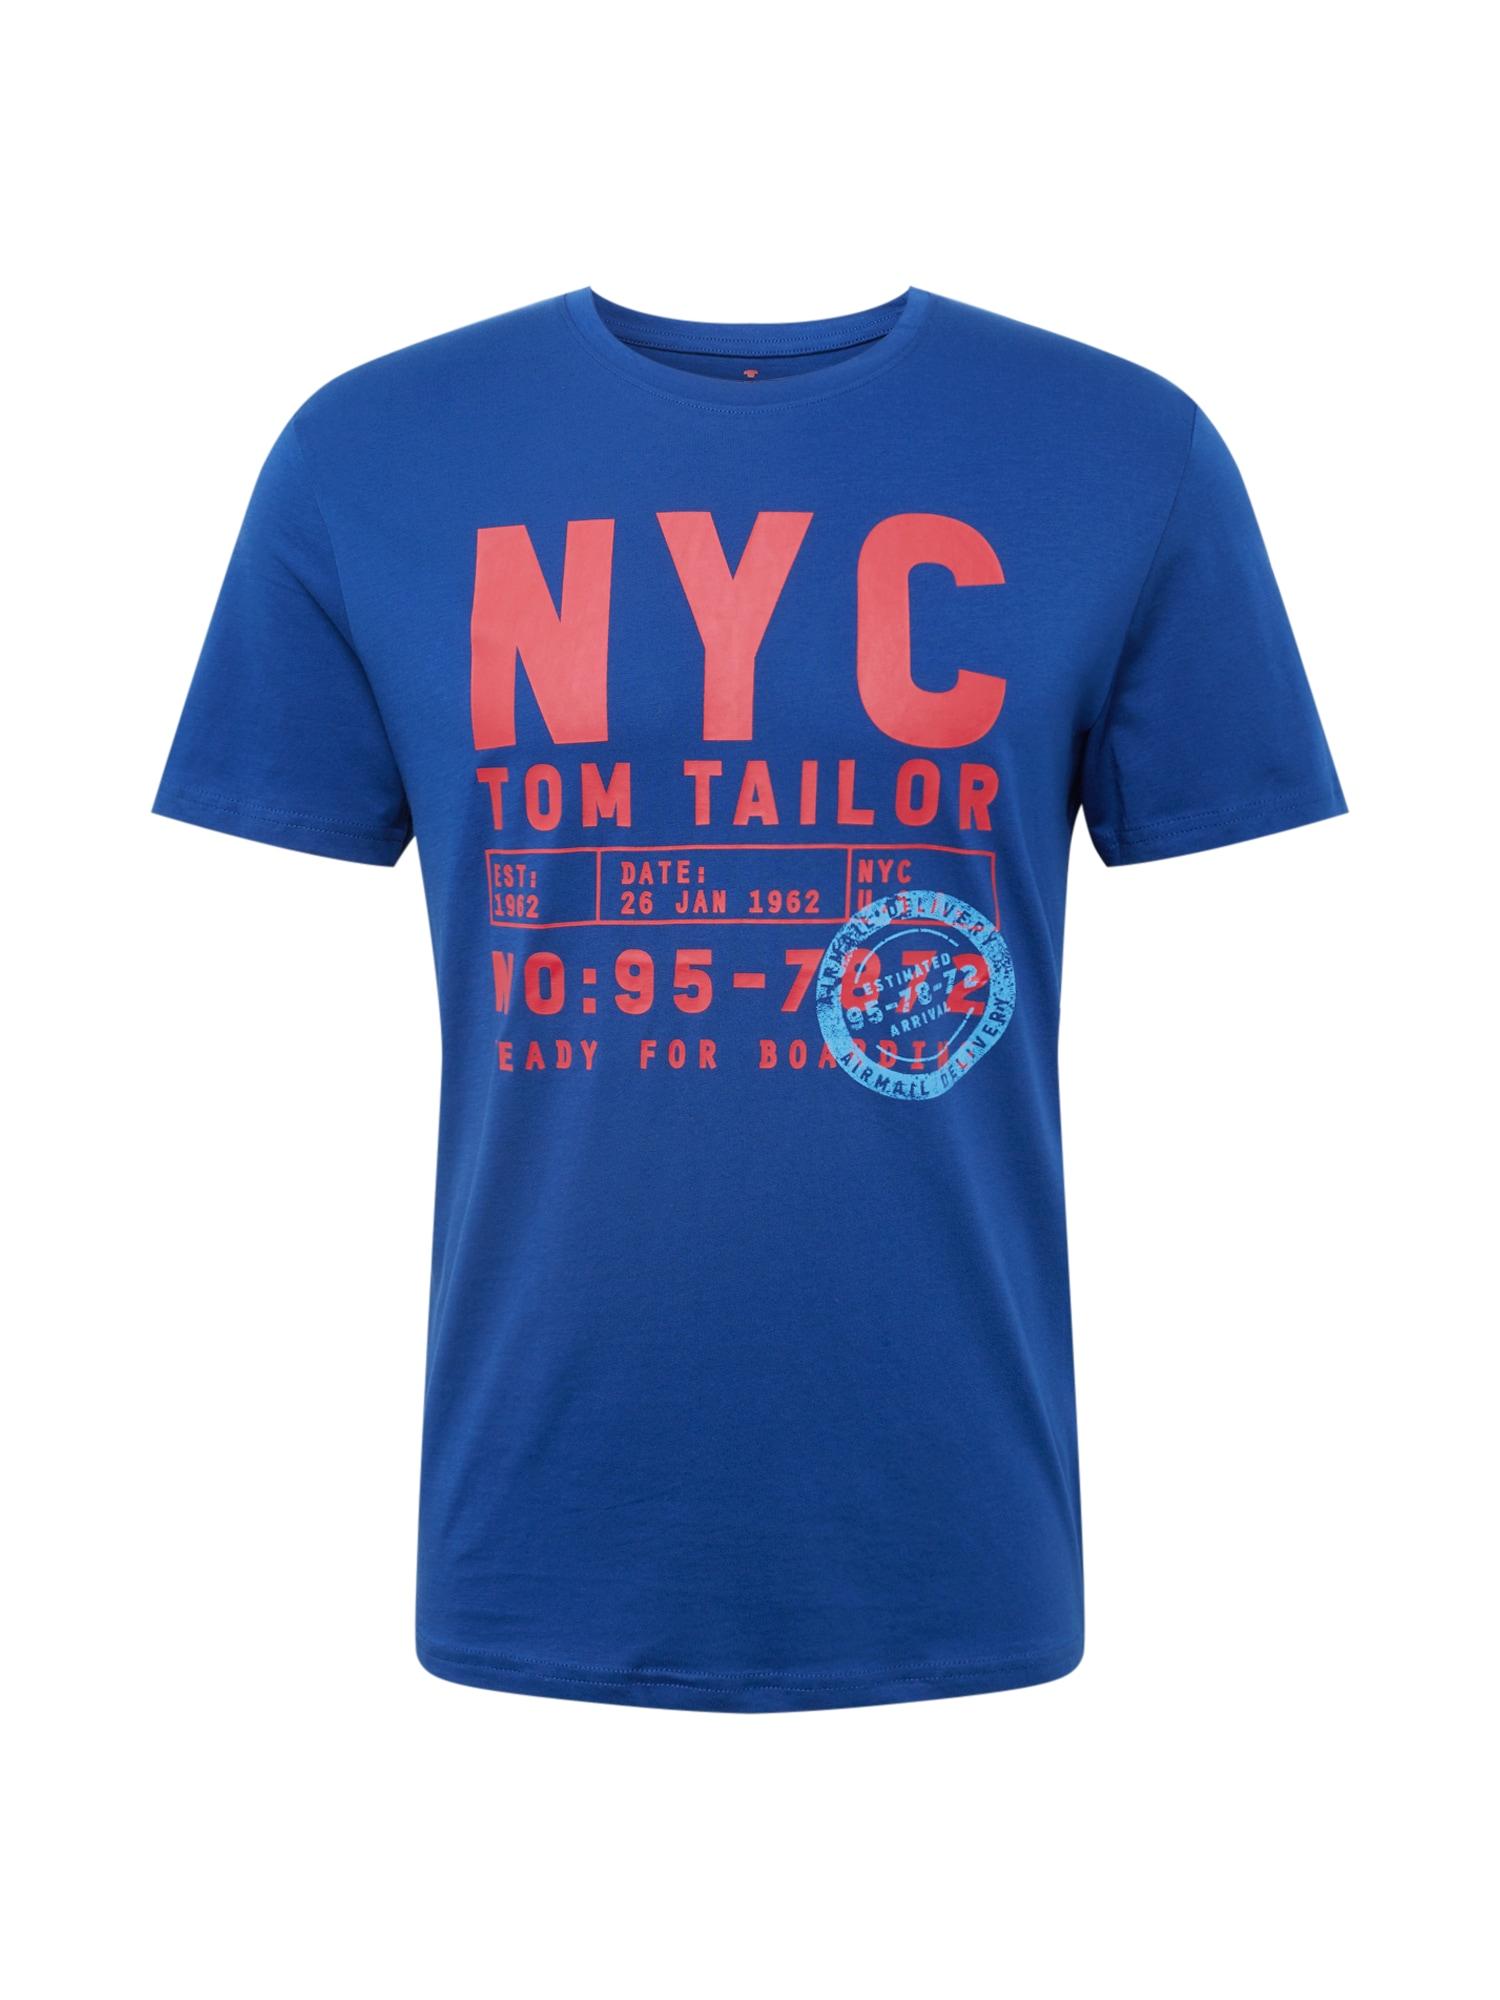 Tričko tmavě modrá světle červená TOM TAILOR